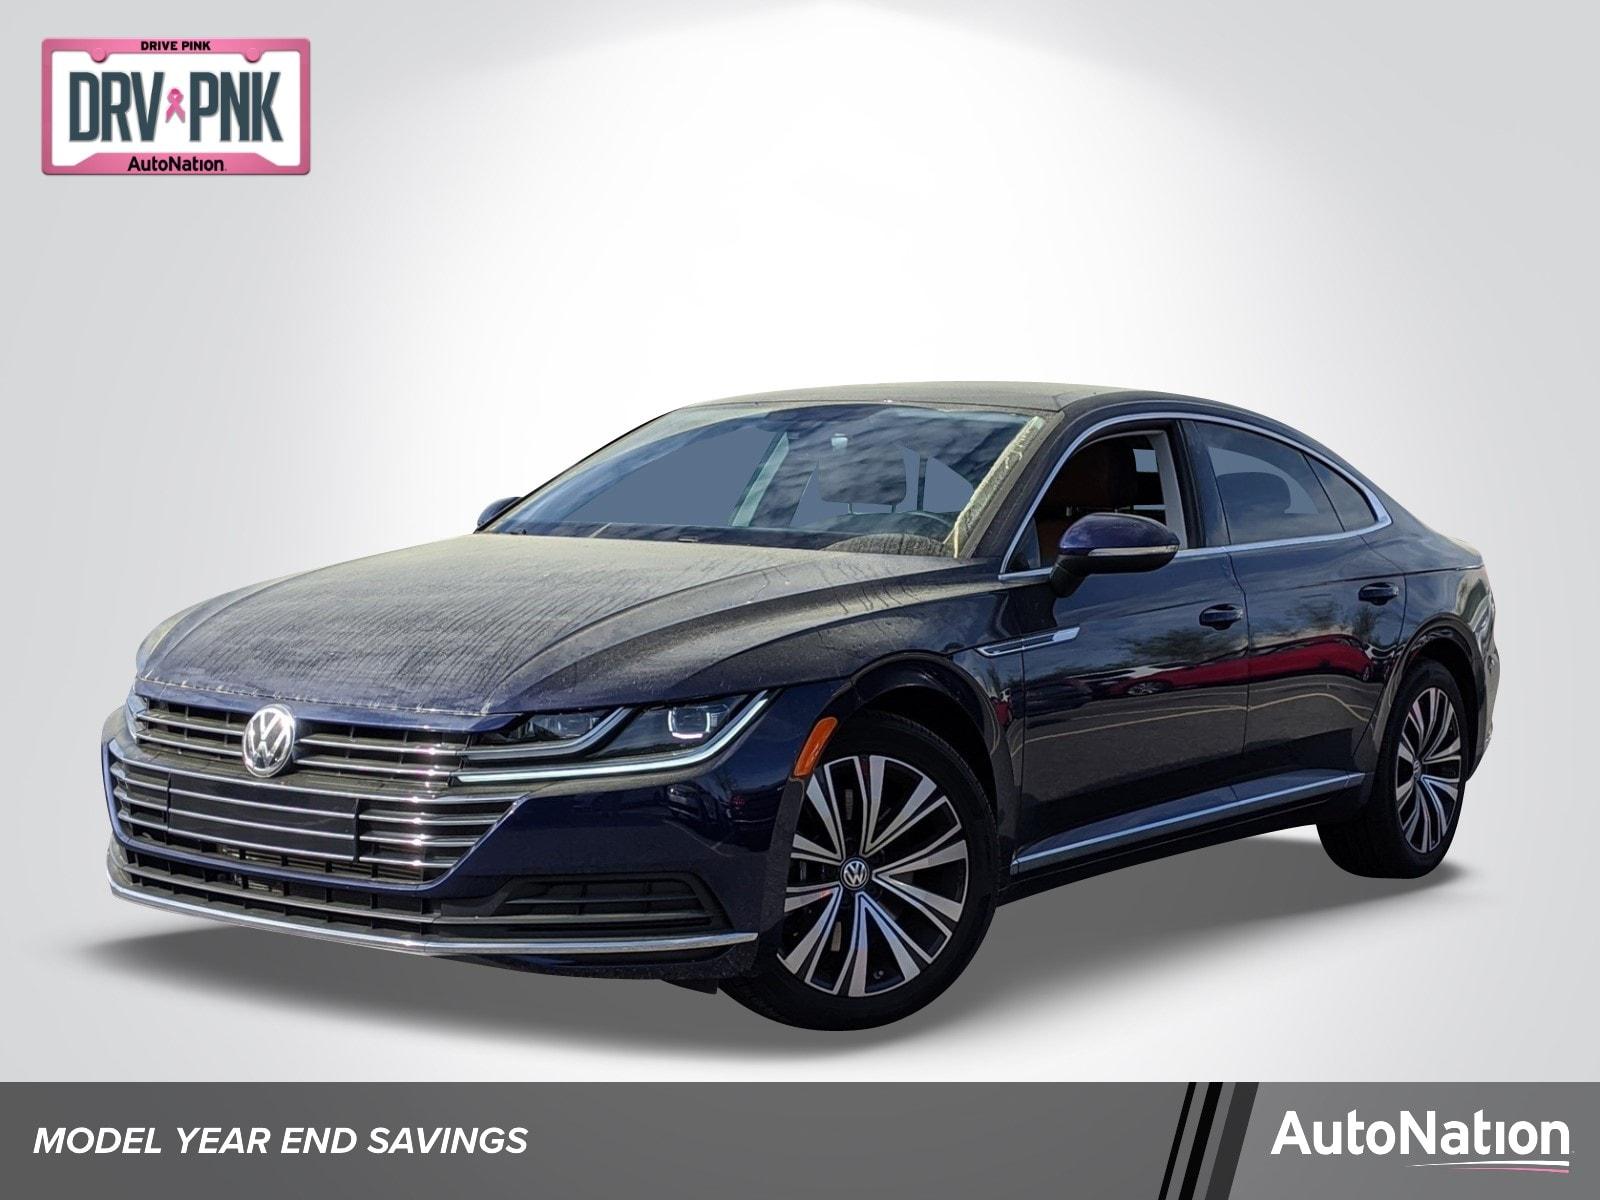 2019 Volkswagen Arteon 2.0T SEL Sedan